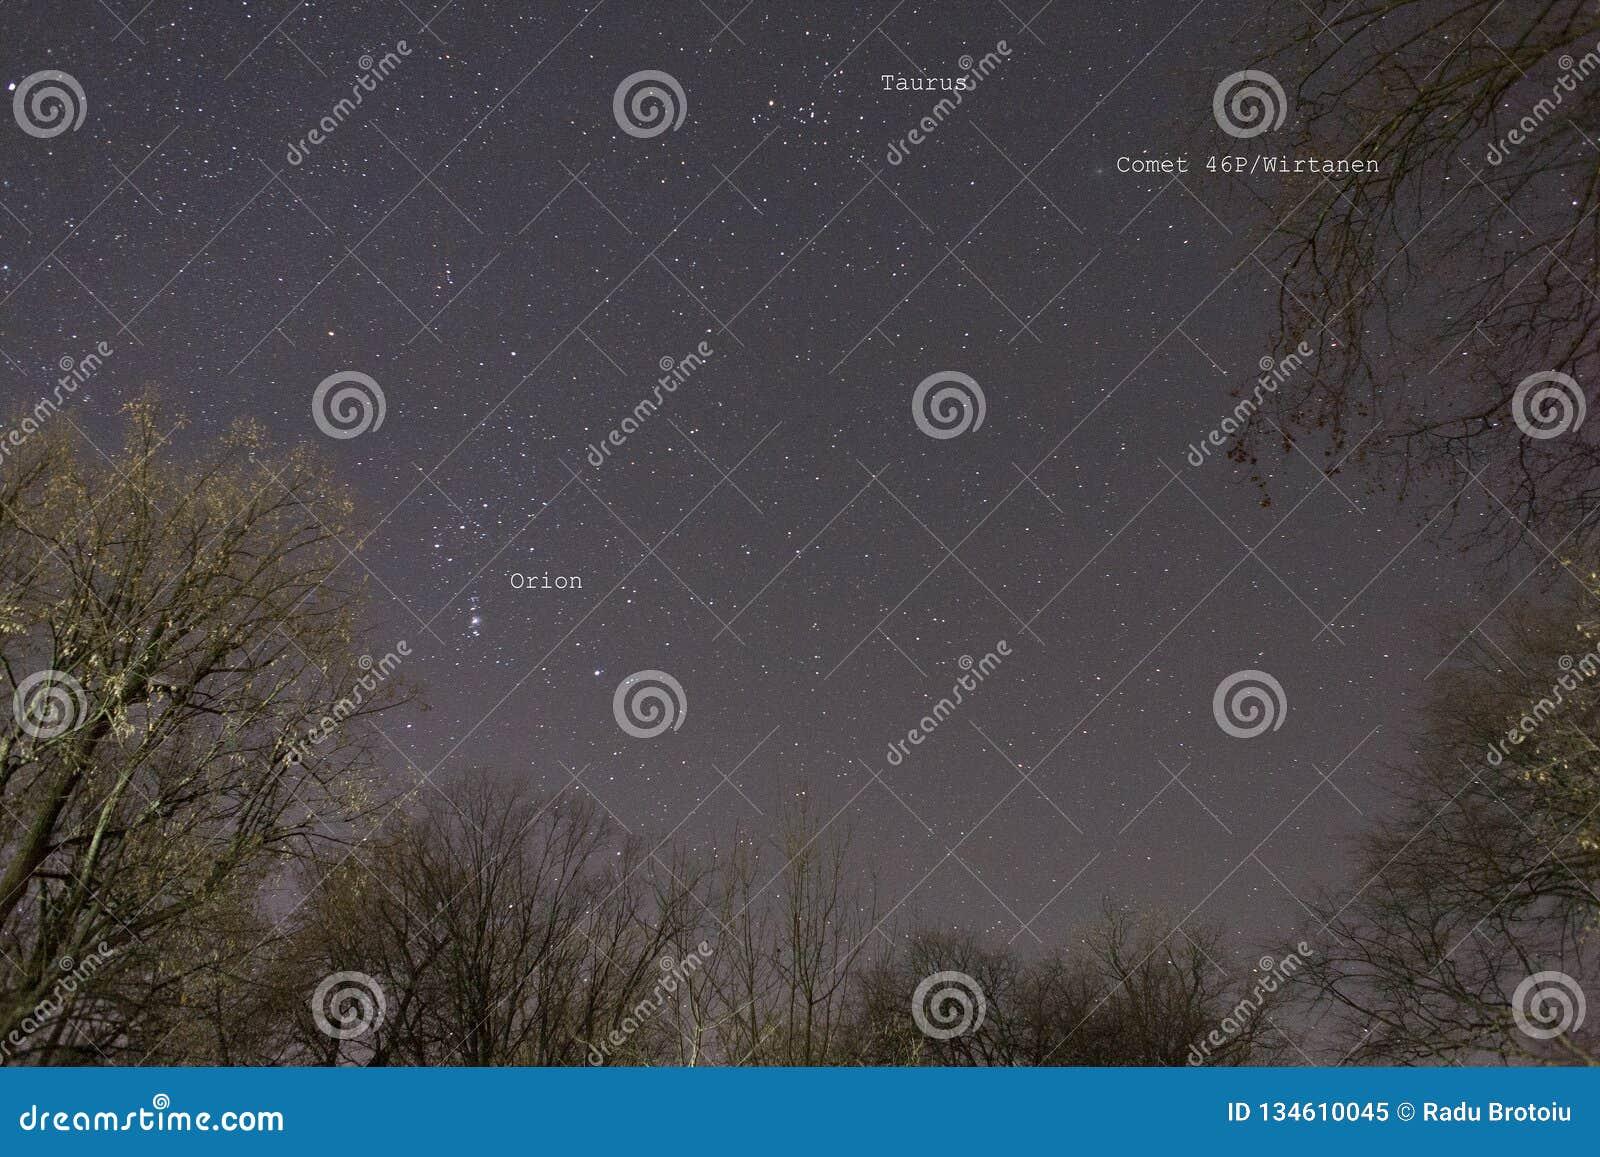 Ljusast komet för komet 46P/Wirtanen 2018 '